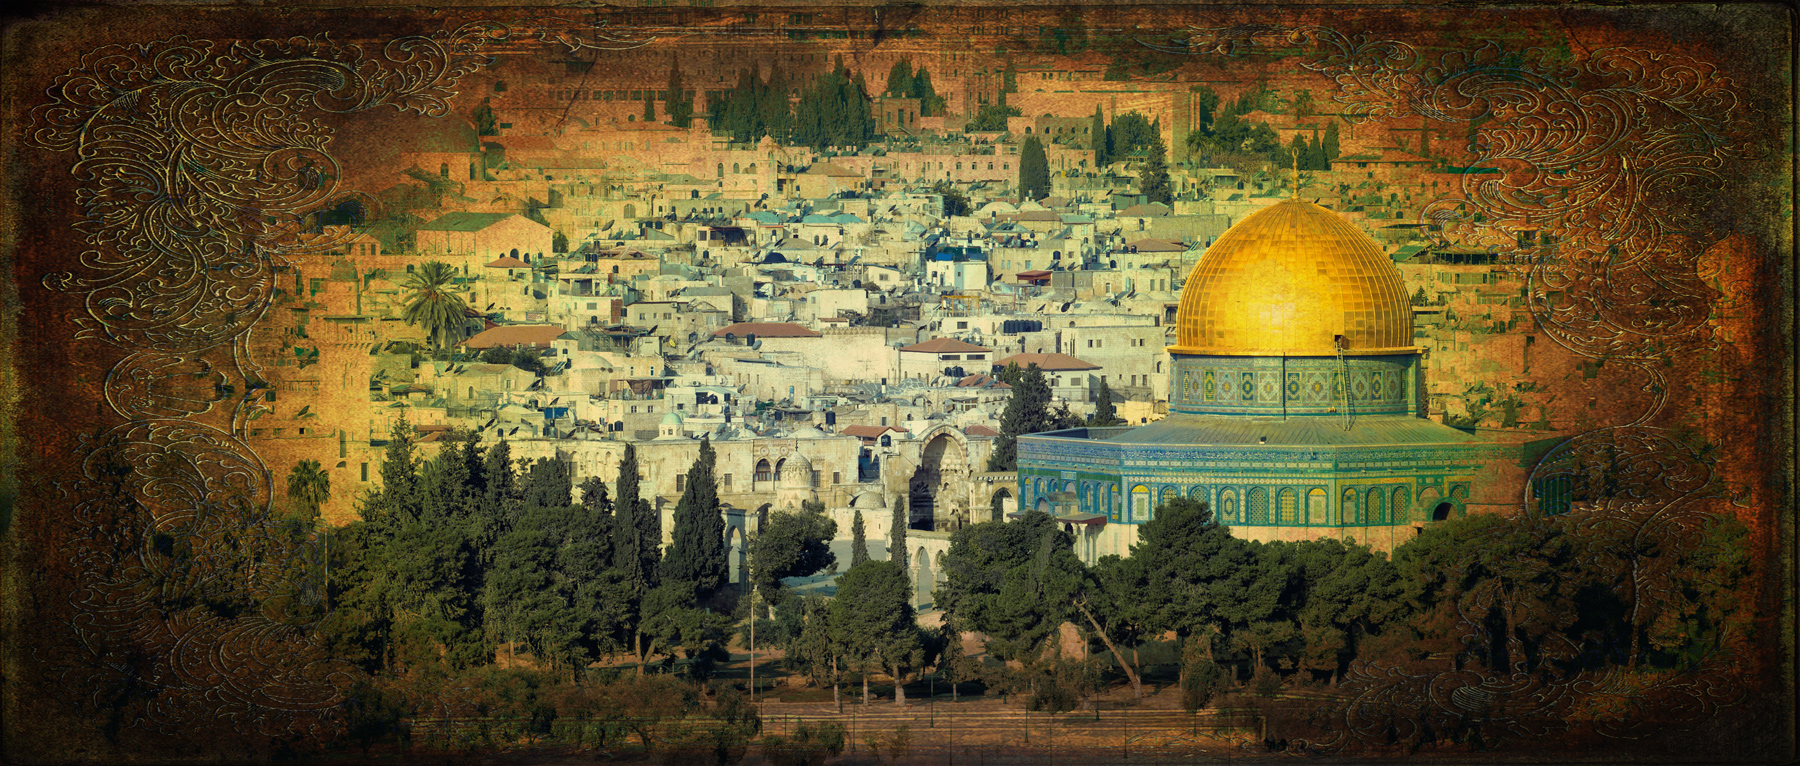 Palästina und Israel? Die Zweistaatenlösung ist tot. <br>  <span id='sec-title'>Und Apartheid wird zur offiziellen Politik</span>